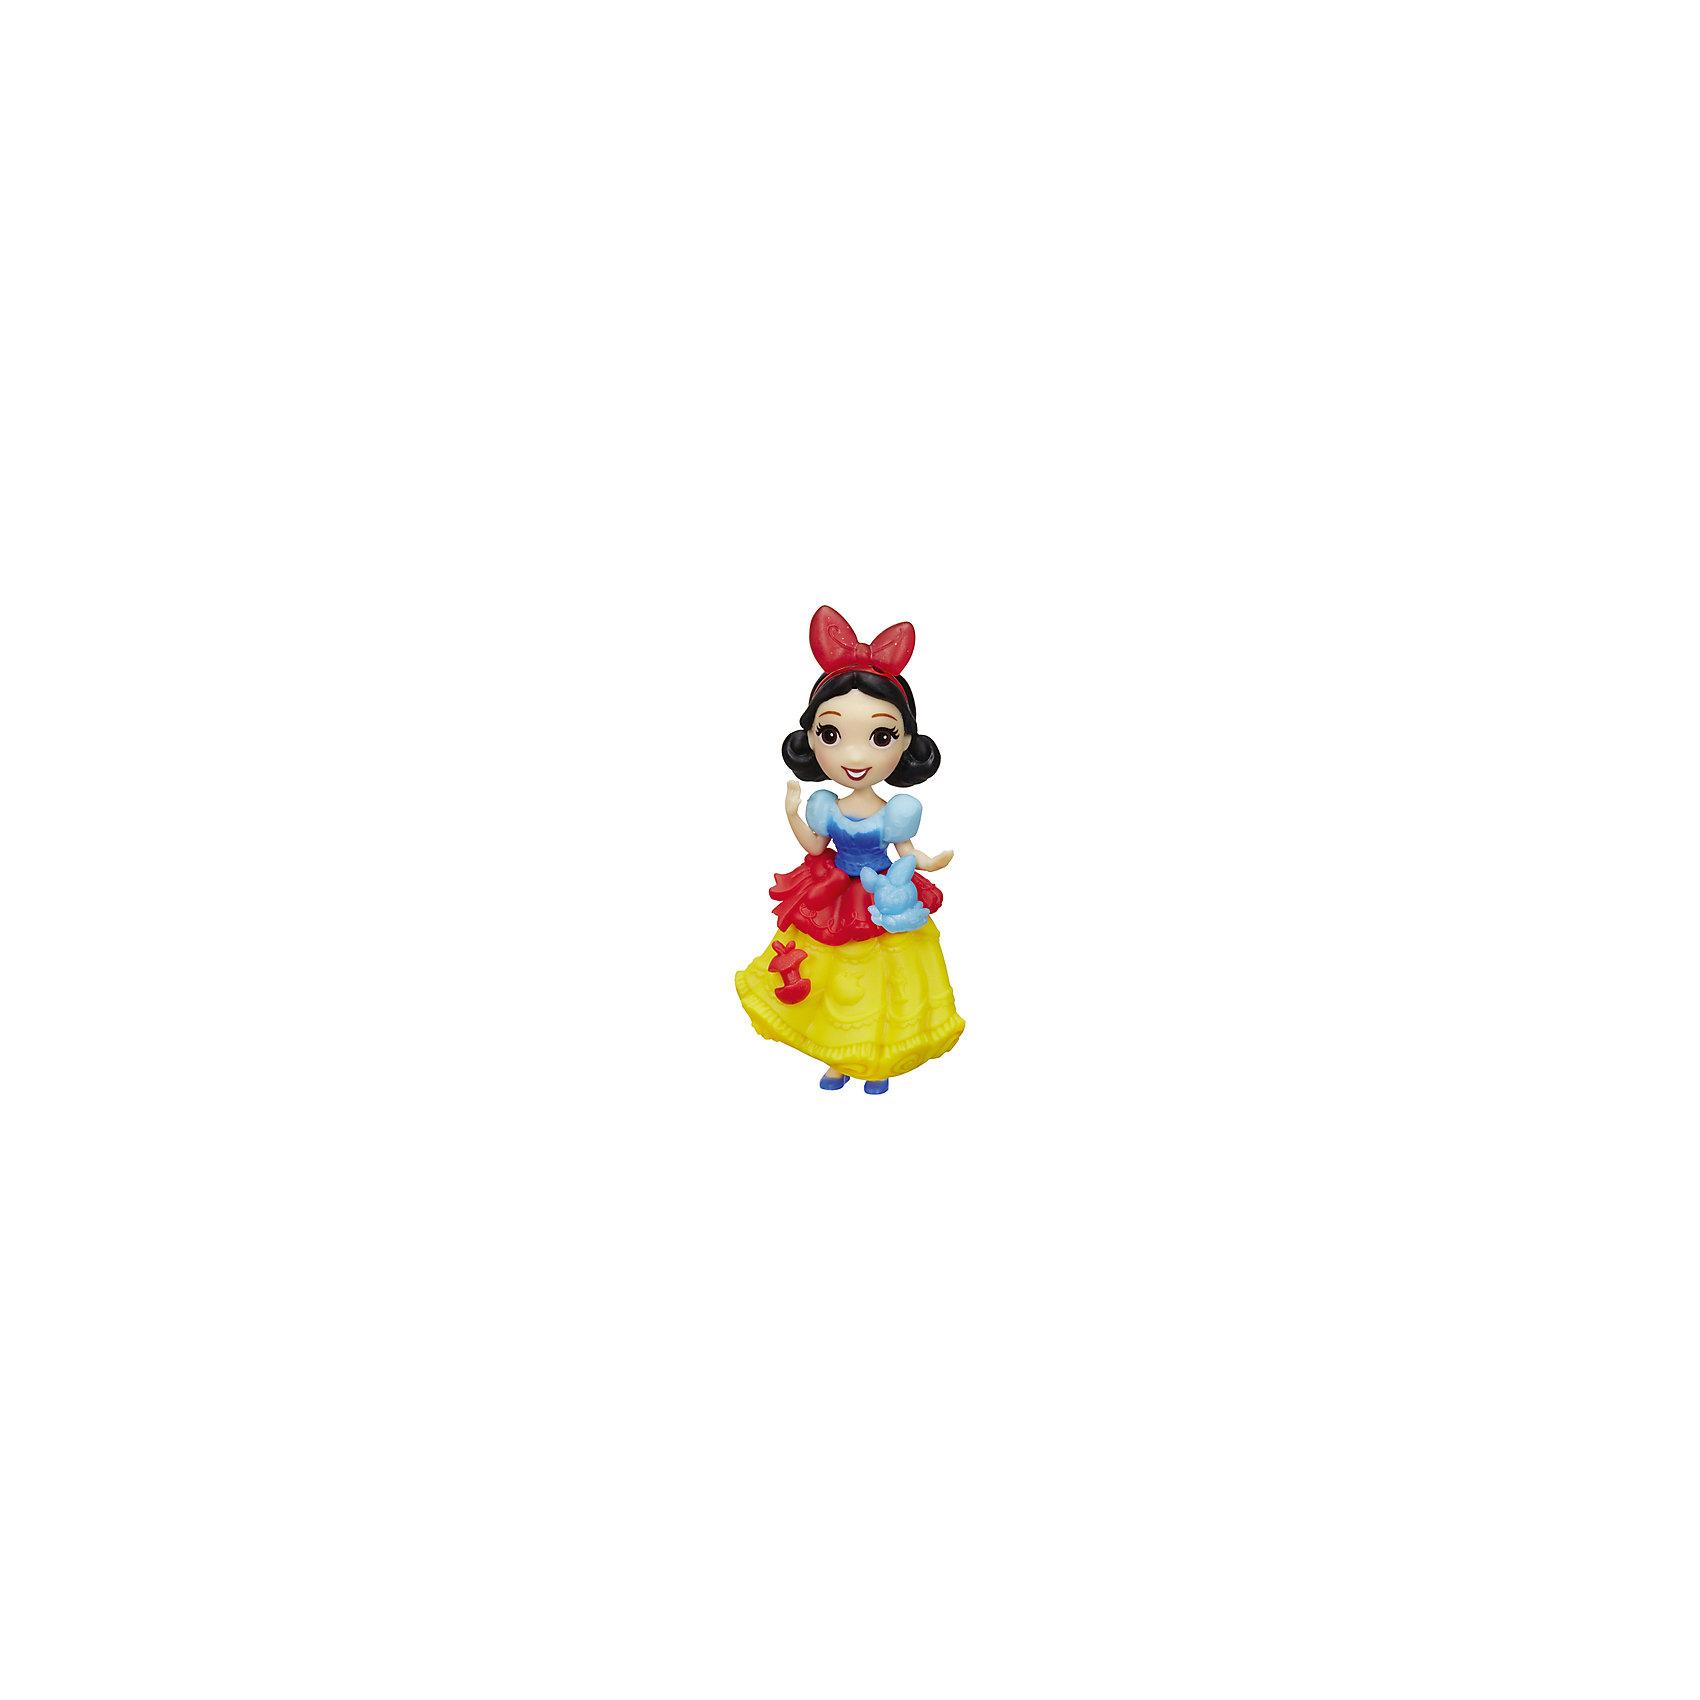 Мини-кукла Hasbro Disney Princess, БелоснежкаПопулярные игрушки<br>Характеристики:<br><br>• очаровательная куколка помогает раскрыть творческий потенциал девочки, позволяет фантазировать и обыгрывать различные сюжетные линии с участием пренцессы Дисней;<br>• мини-куколки легко помещаются в маленькой ладошке;<br>• куклу можно взять с собой, поместить в рюкзачок или карман курточки;<br>• каждая кукла занимает определенную позу;<br>• руки-ноги куклы неподвижны, героиня замерла в танцевальном па;<br>• куколка одета в яркий наряд, характерный для диснеевских героинь;<br>• одежда не снимается;<br>• полимерные куколки приятны на ощупь;<br>• высота куколки составляет 15 см;<br>• размер упаковки: 17,5х15,5х6 см;<br>• вес: 100 г.<br><br>Мини-кукла, Принцессы Дисней, в ассортименте можно купить в нашем интернет-магазине.<br><br>Ширина мм: 176<br>Глубина мм: 152<br>Высота мм: 63<br>Вес г: 100<br>Возраст от месяцев: 48<br>Возраст до месяцев: 96<br>Пол: Женский<br>Возраст: Детский<br>SKU: 7120186